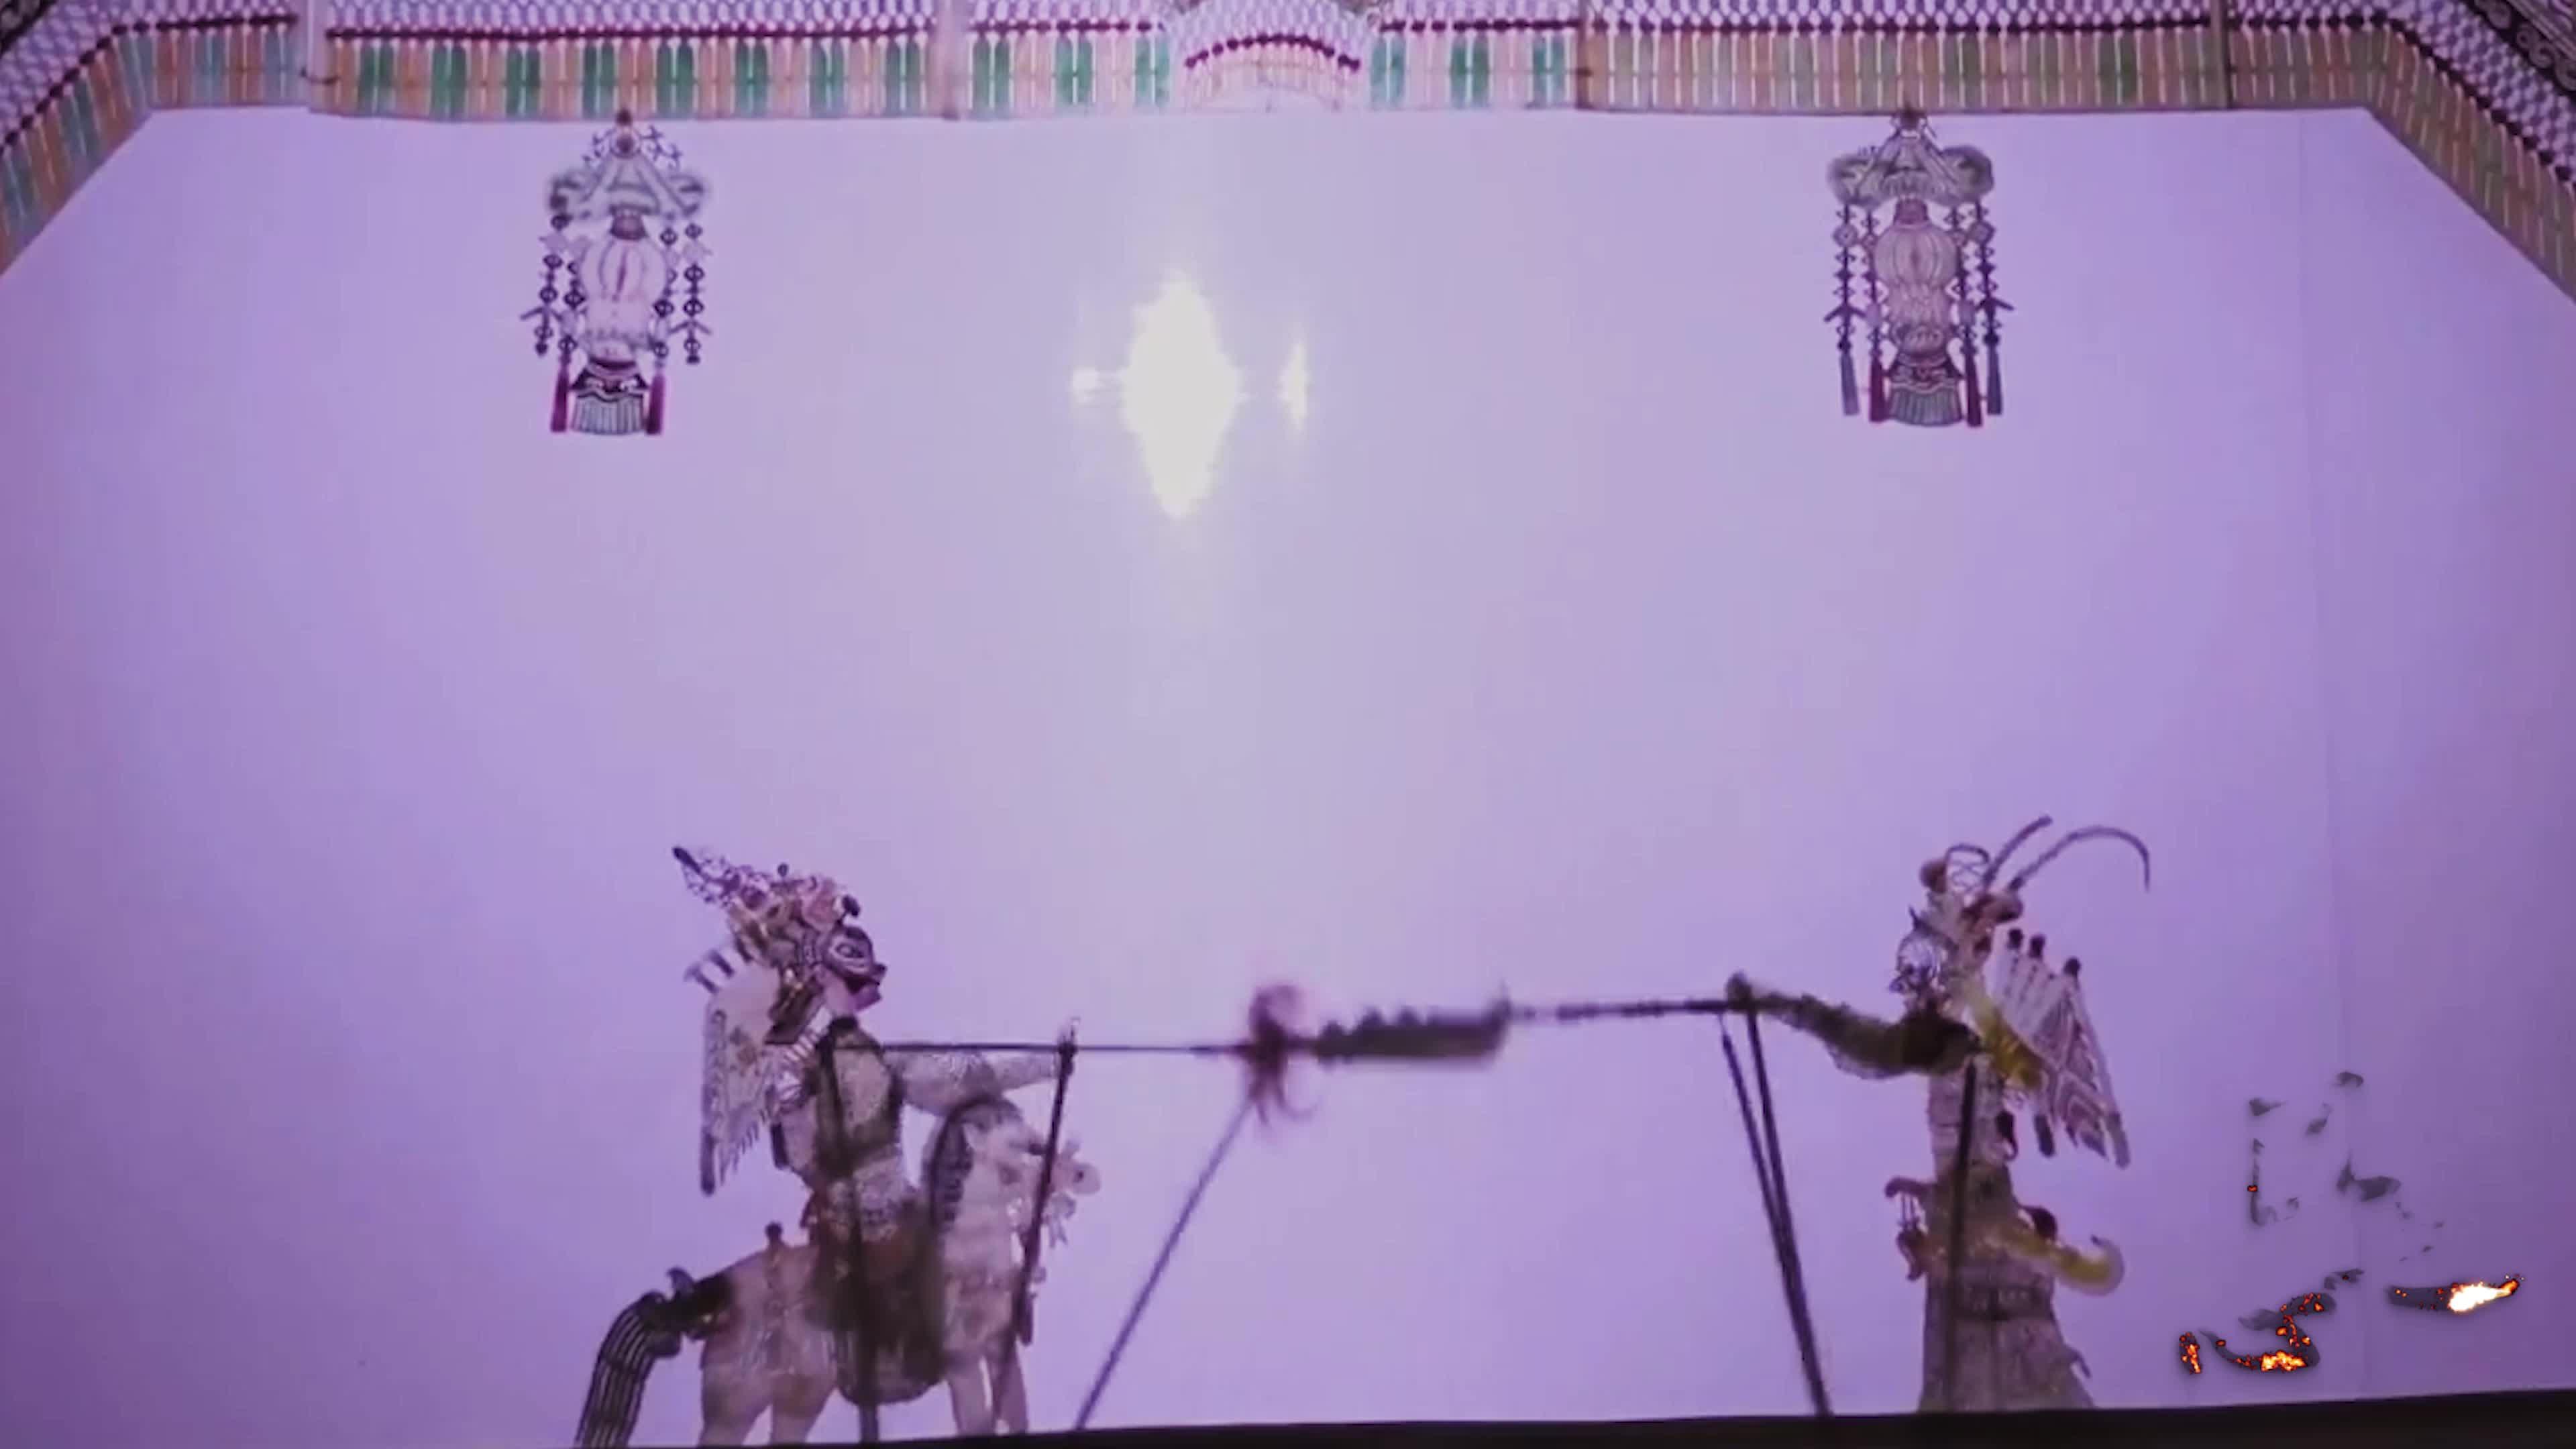 《匠之心》第六期 皮影大叔玩转二次元 萌新进阶百年技艺